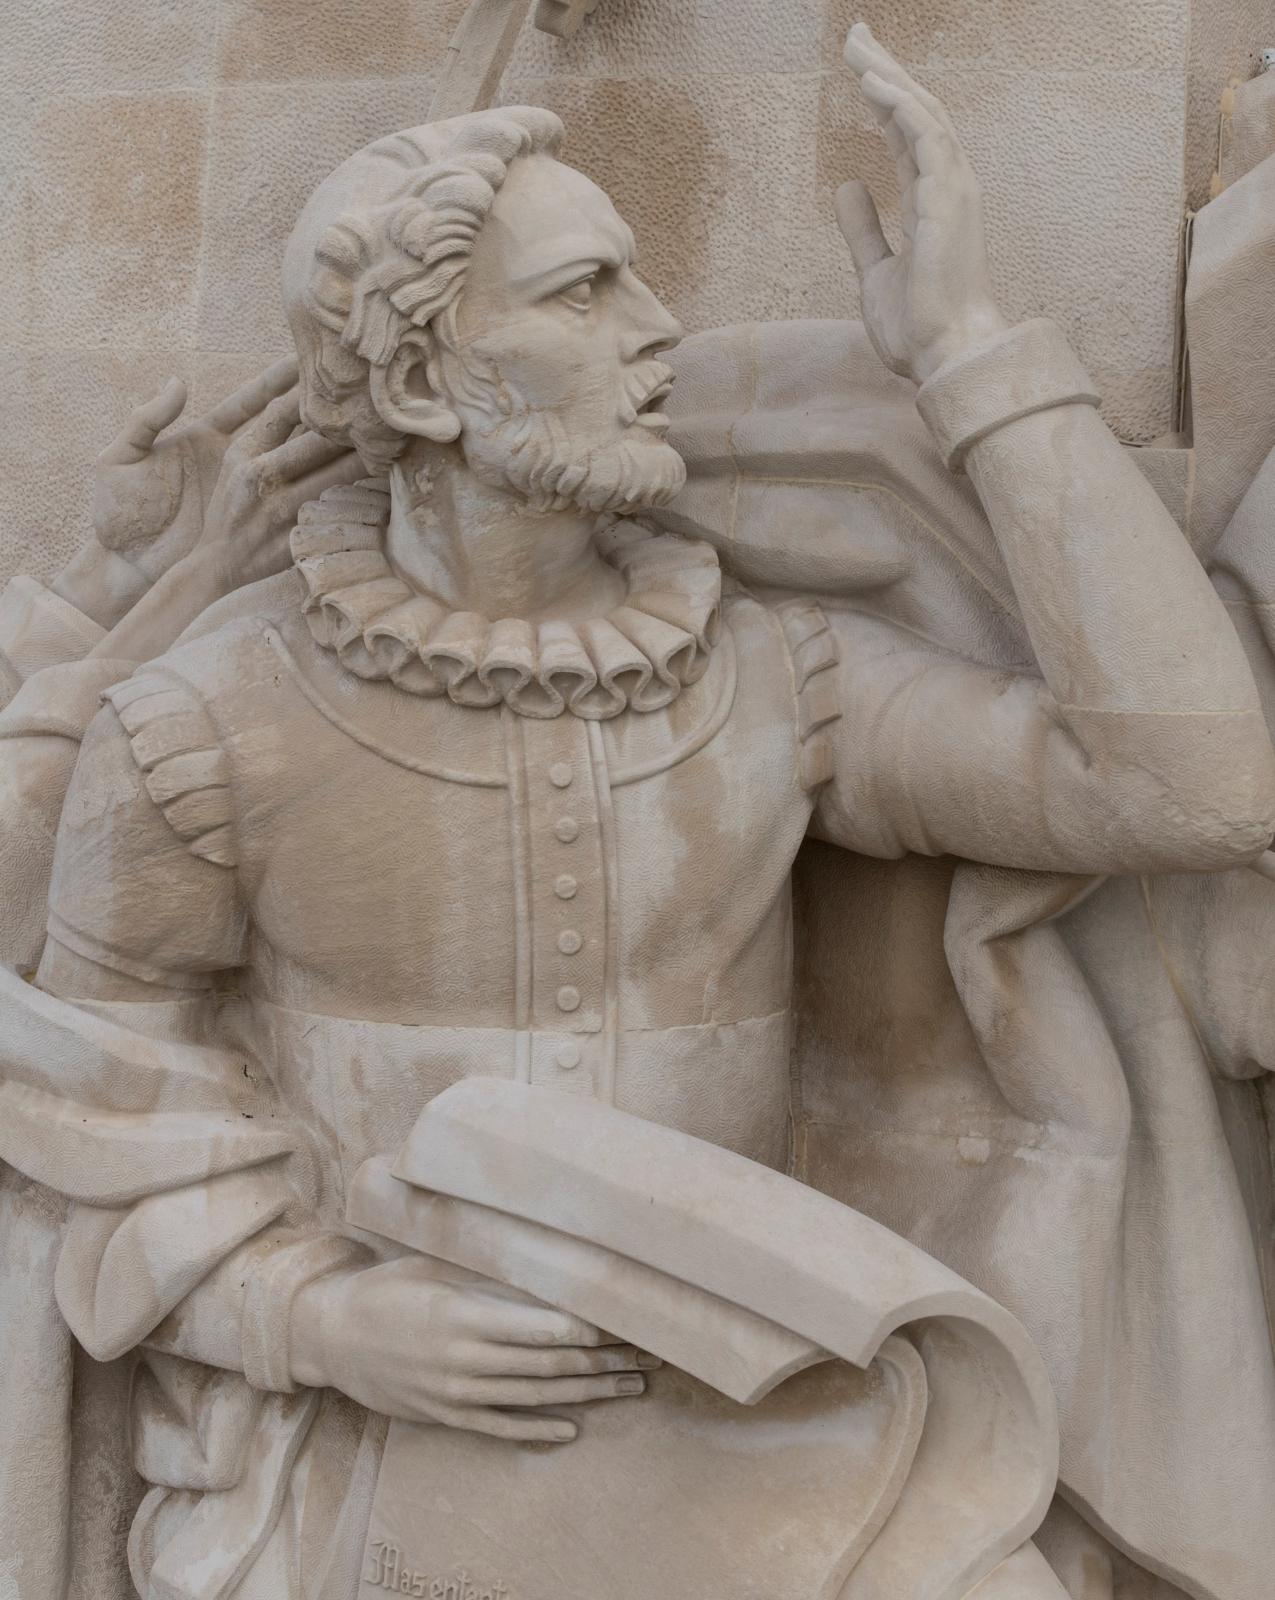 Pormenor de Luís de Camões no Padrão dos Descobrimentos